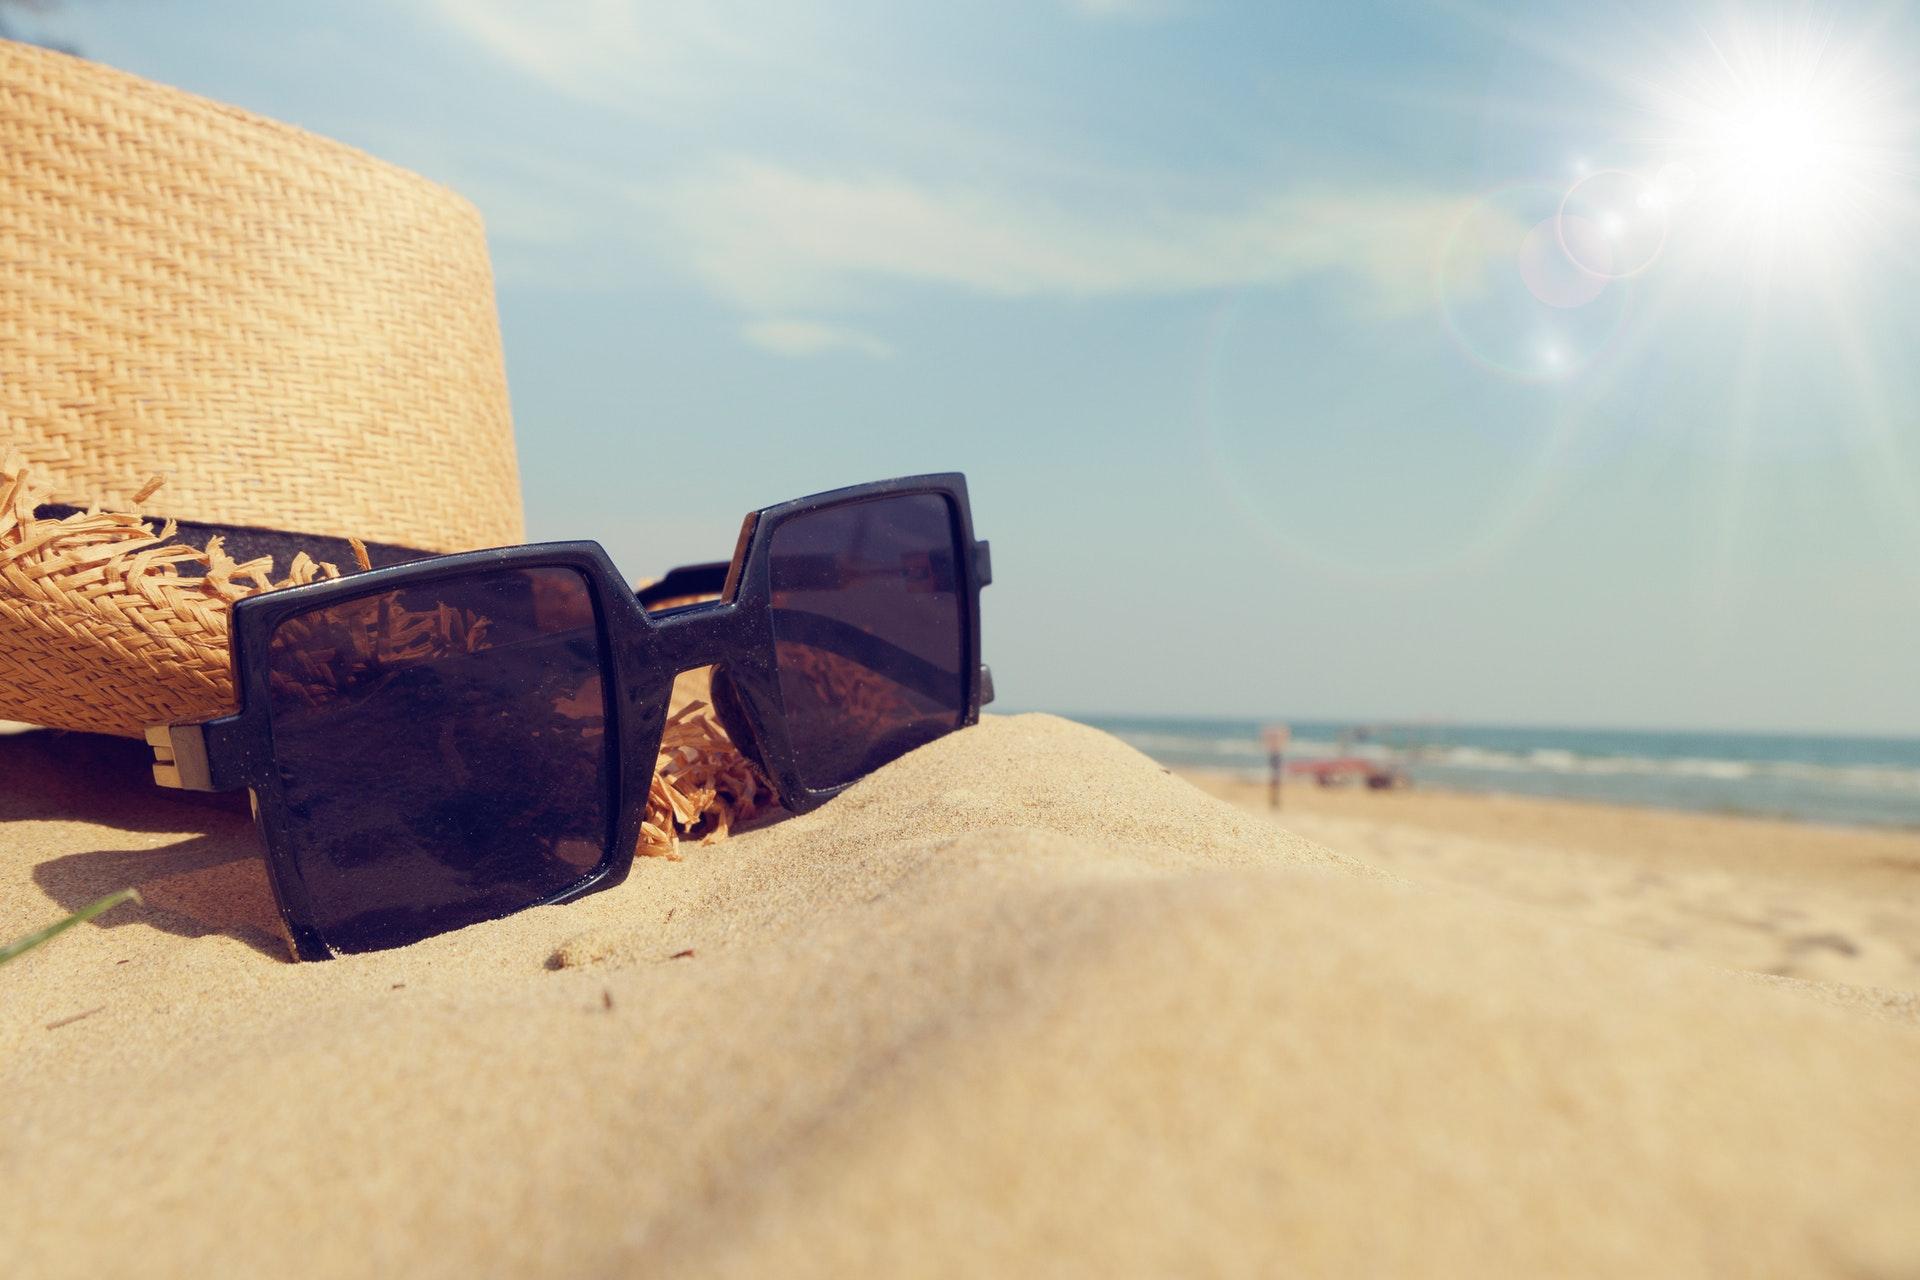 Les crèmes solaires : Protègent notre peau, mais pas l'océan